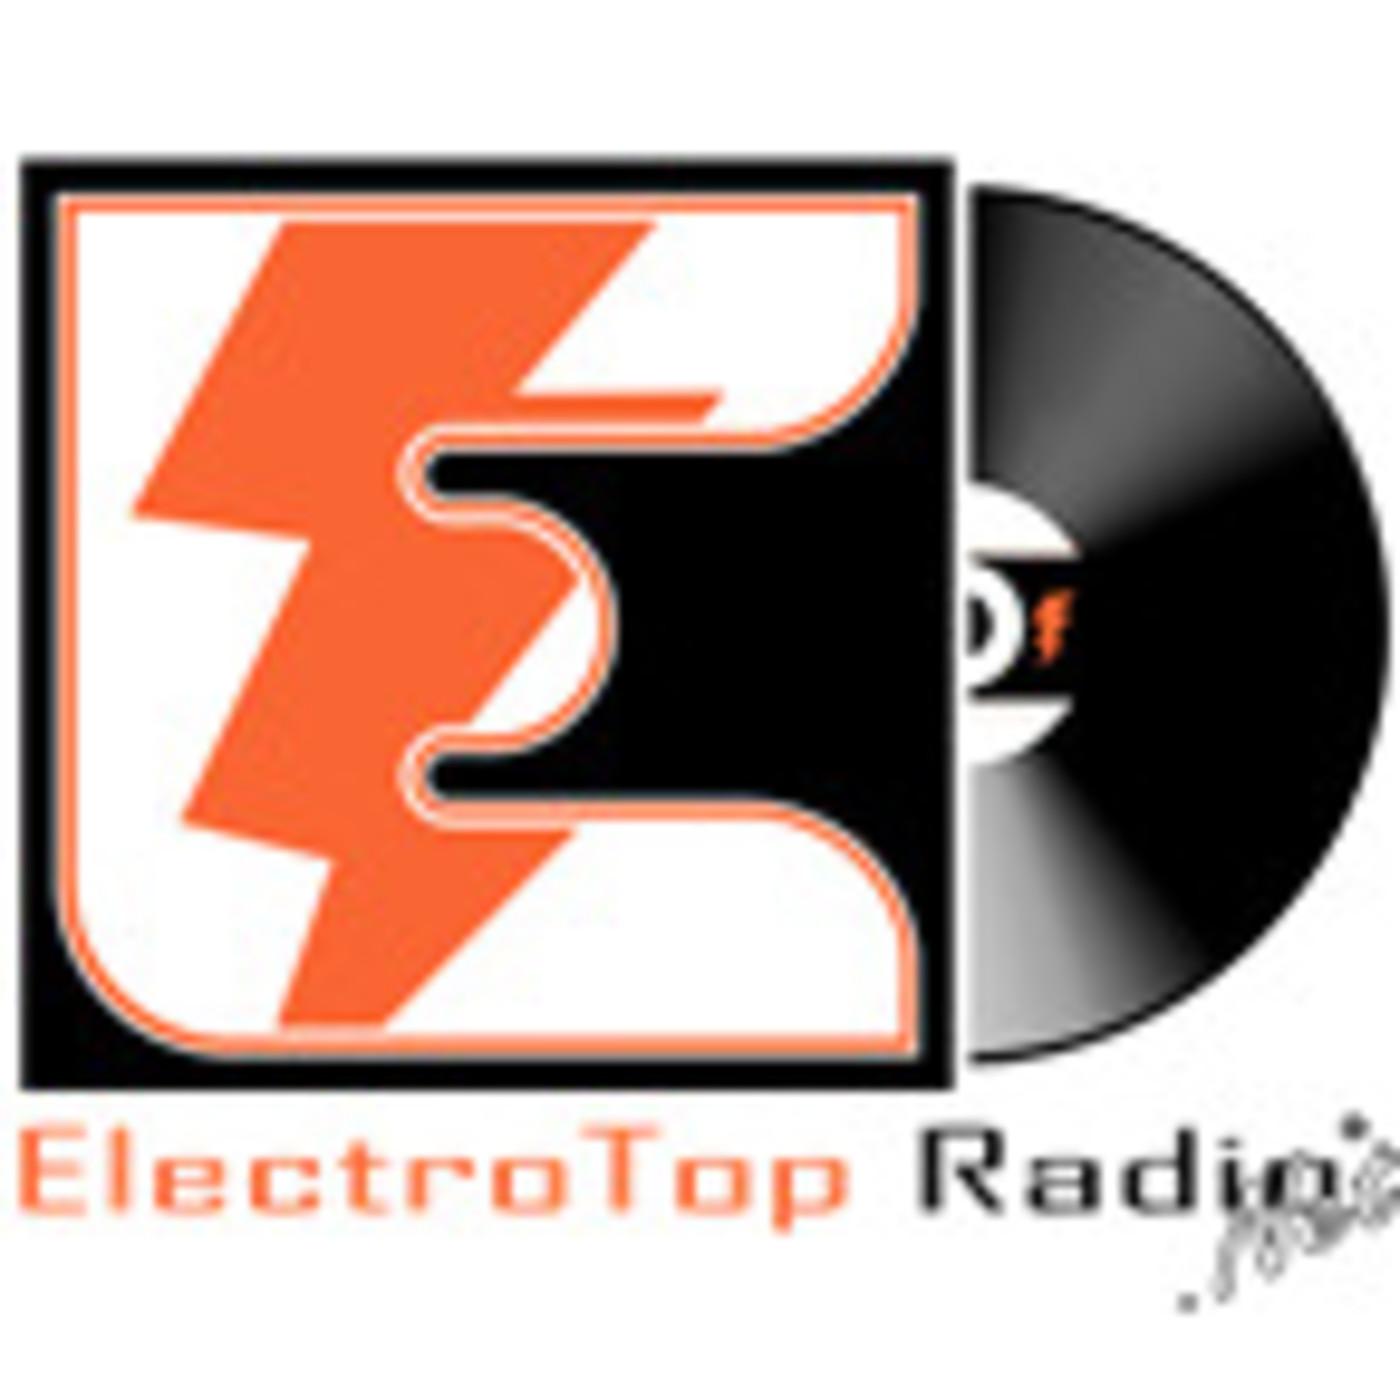 Electro Top Radio